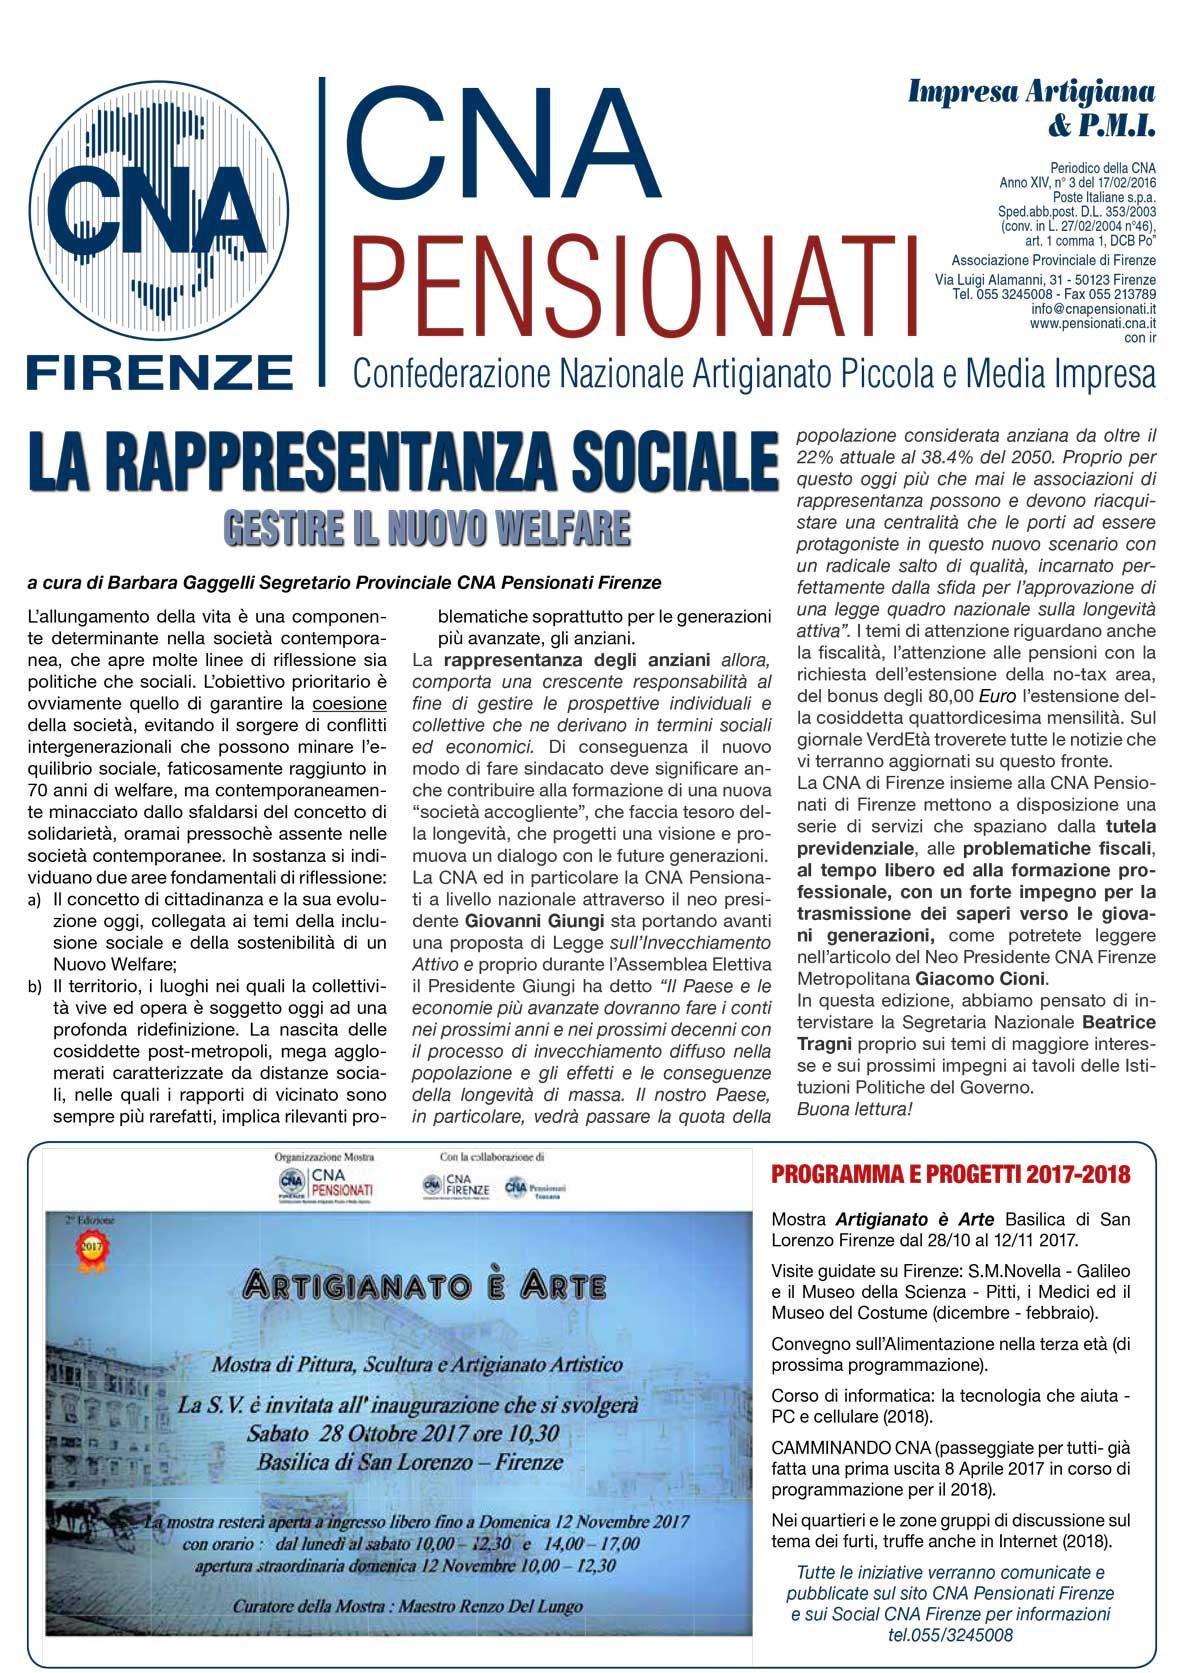 Archivio stampa 2017 CNA Pensionati